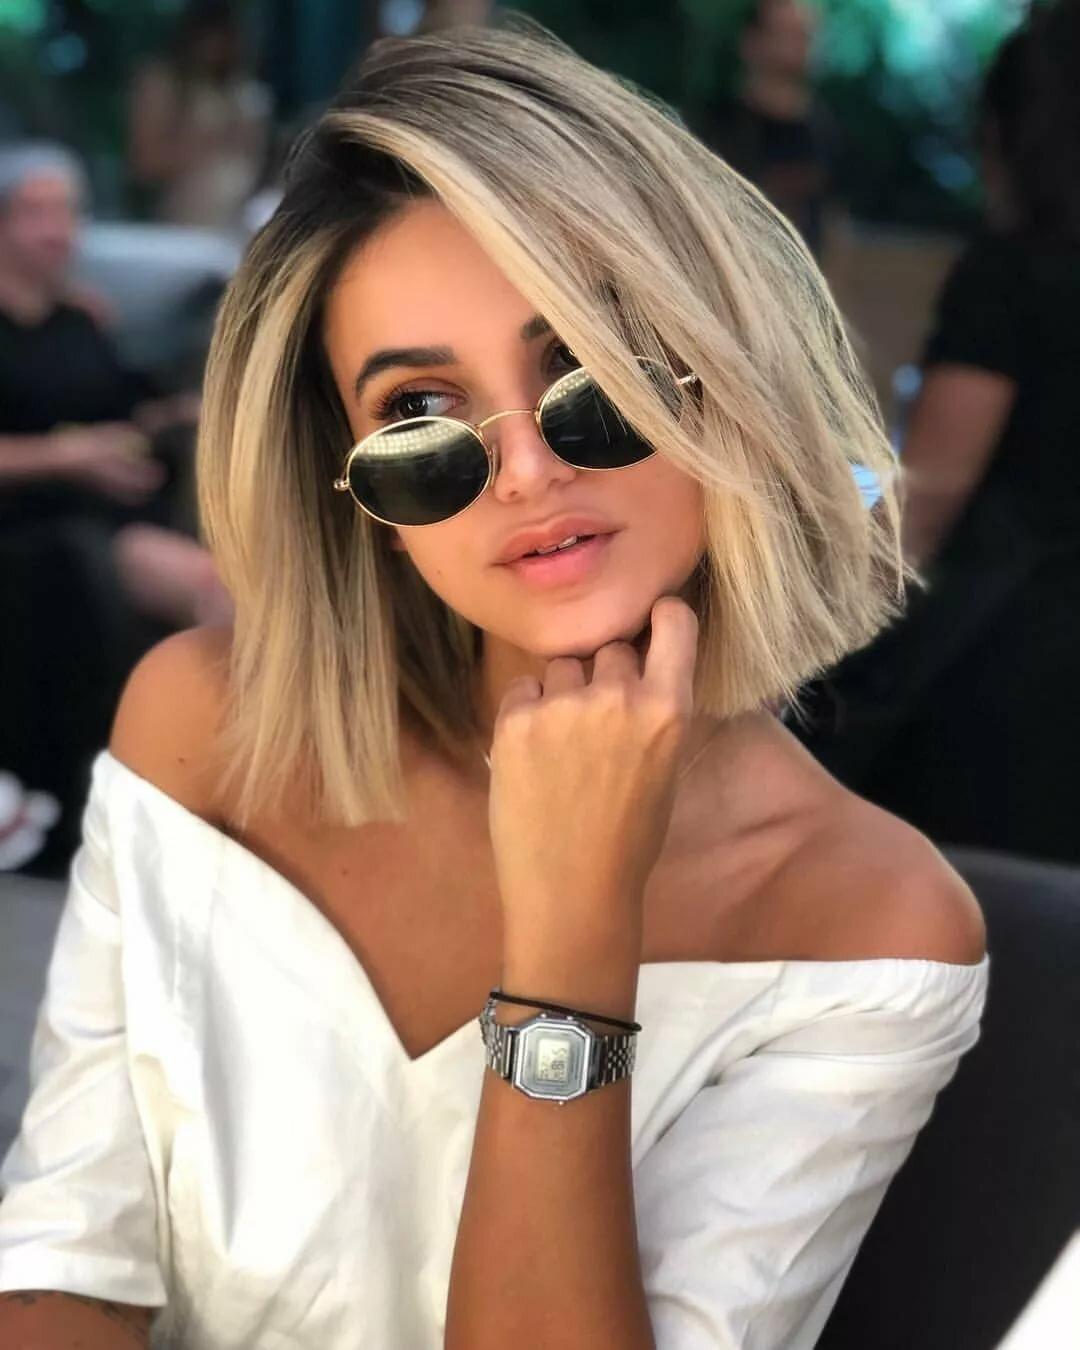 Шикарные девушки с каре: сексуальные брюнетки и блондинки с волосами до плеч 30